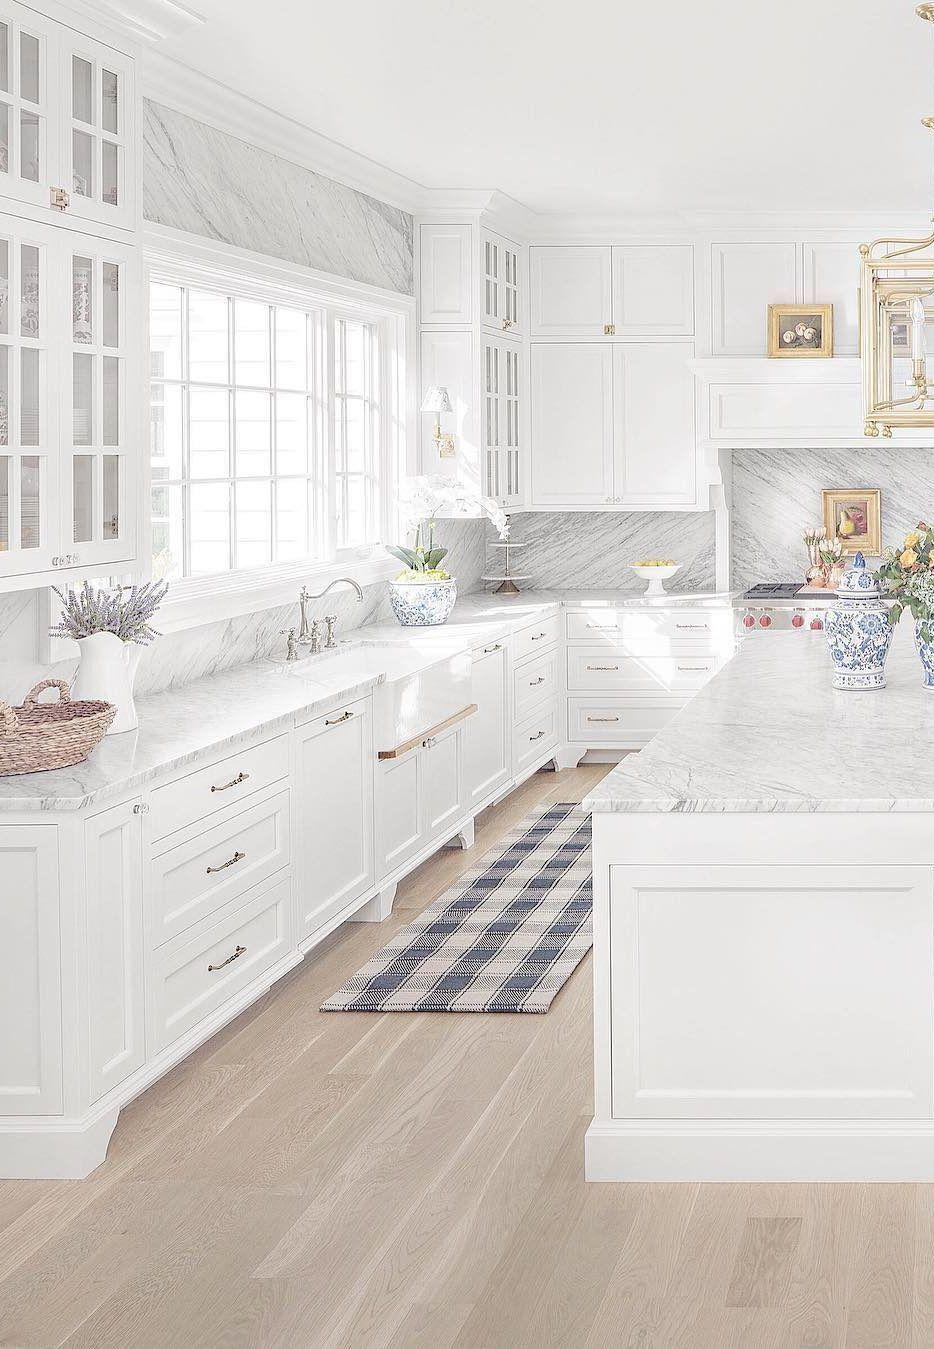 16 Beautiful White Kitchen Design Ideas To Inspiring Your Kitchen